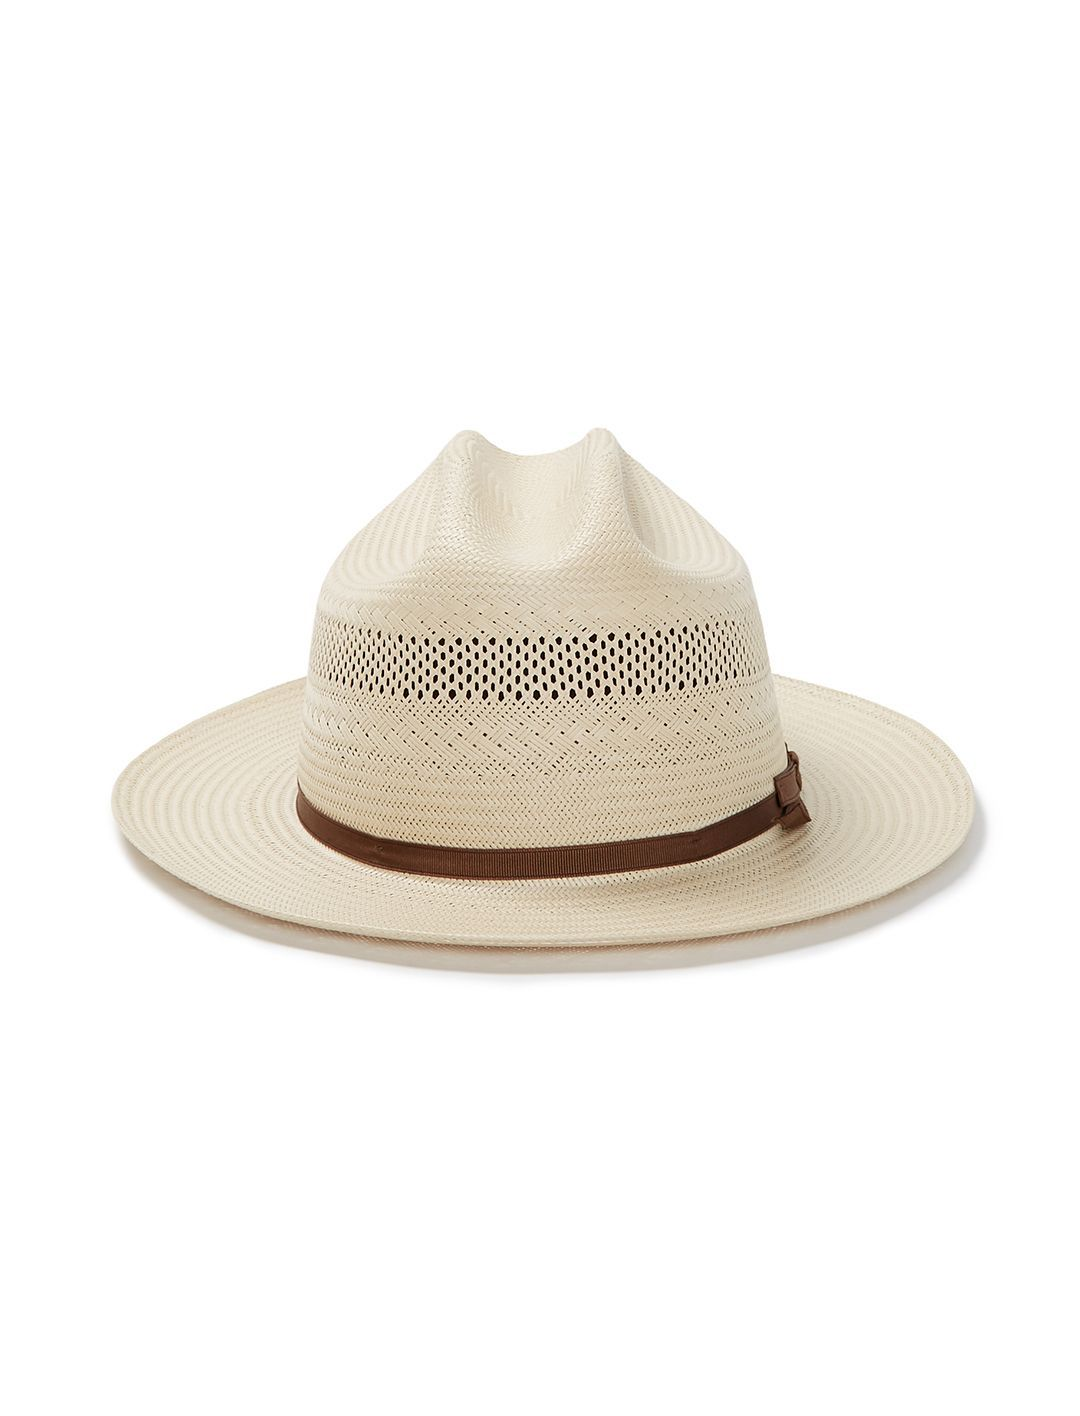 ce1a3714a26ce Stetson Men s Open Road 10X Straw Cowboy Hat SSOPRV0526. Details